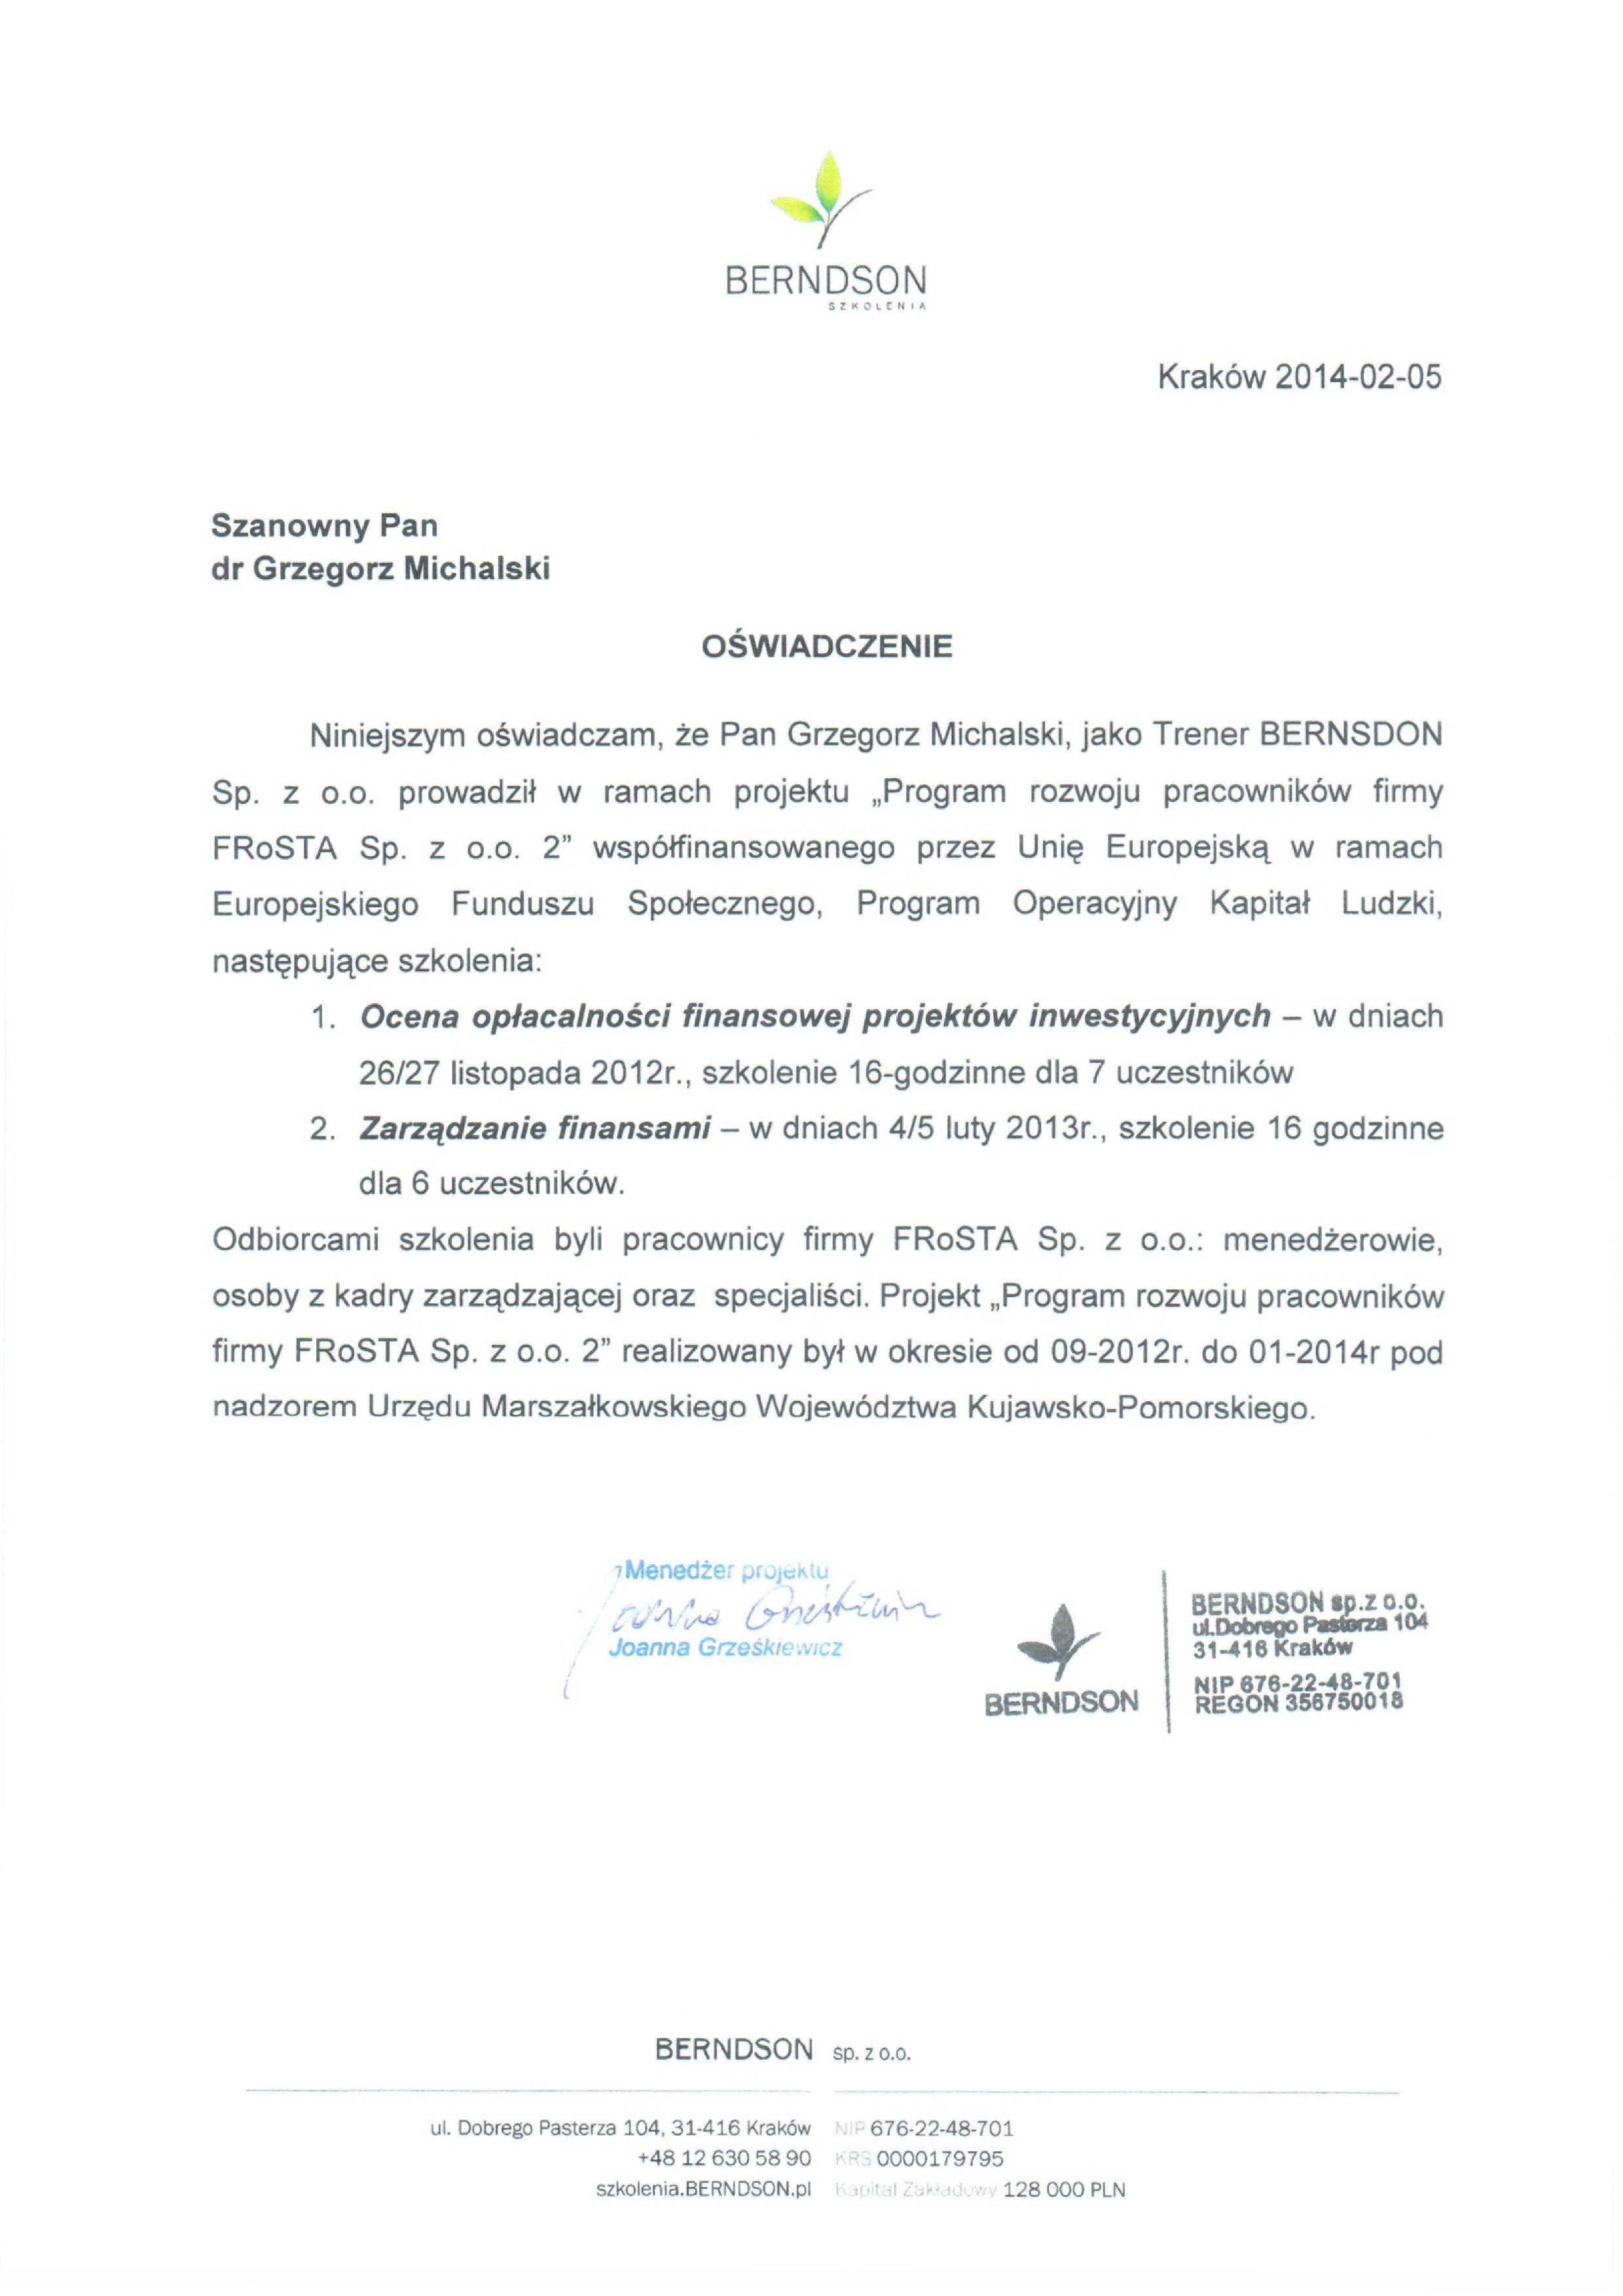 Referencje-michalski-grzegorz-Finanse-i-Projekty-2013BydgoszczFrosta.jpg?=szkolenia